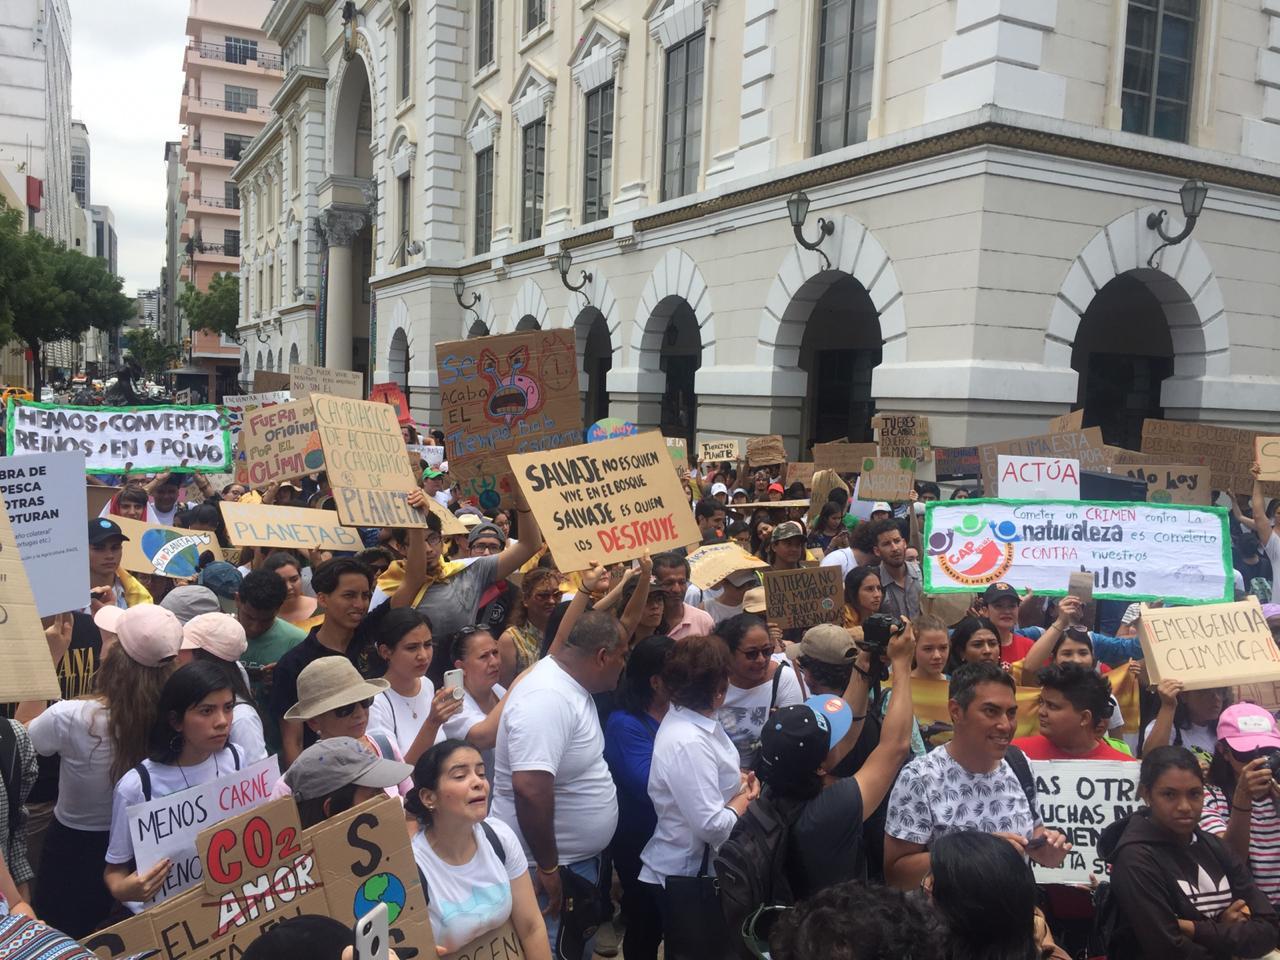 Se convocaron marchas similares en Guayaquil, Cuenca, Riobamba, Manta y Quevedo.   Fotos: Nadia Zamora y Clara María Reyes